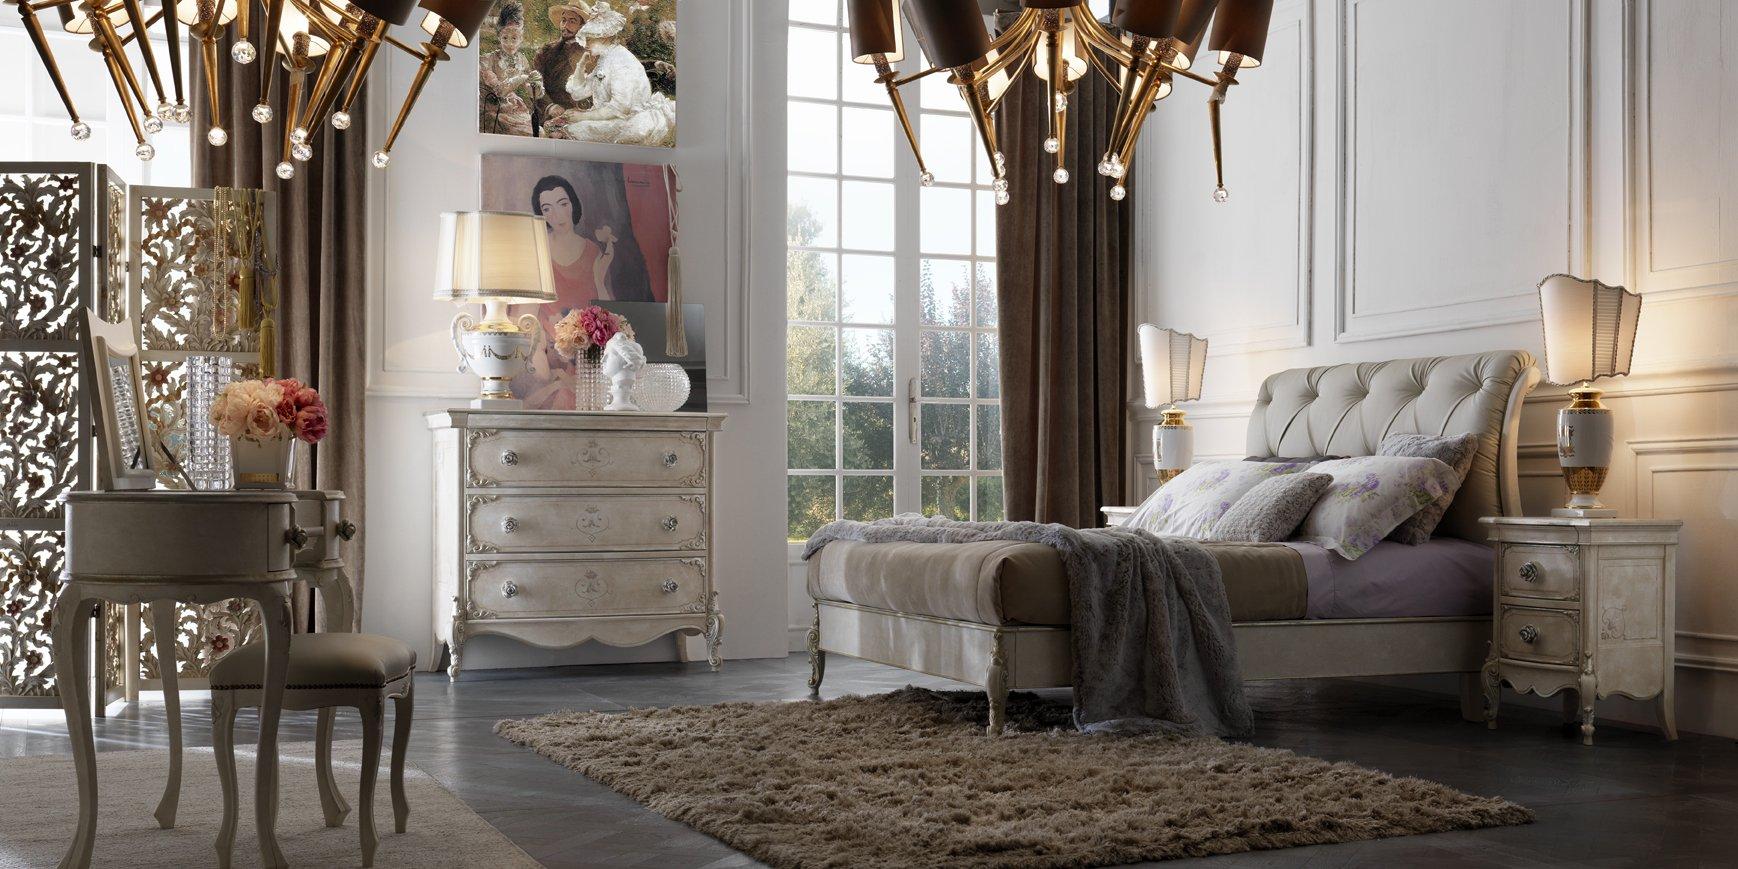 Camera da letto con mobiletto, delle tende, un letto e un tappeto